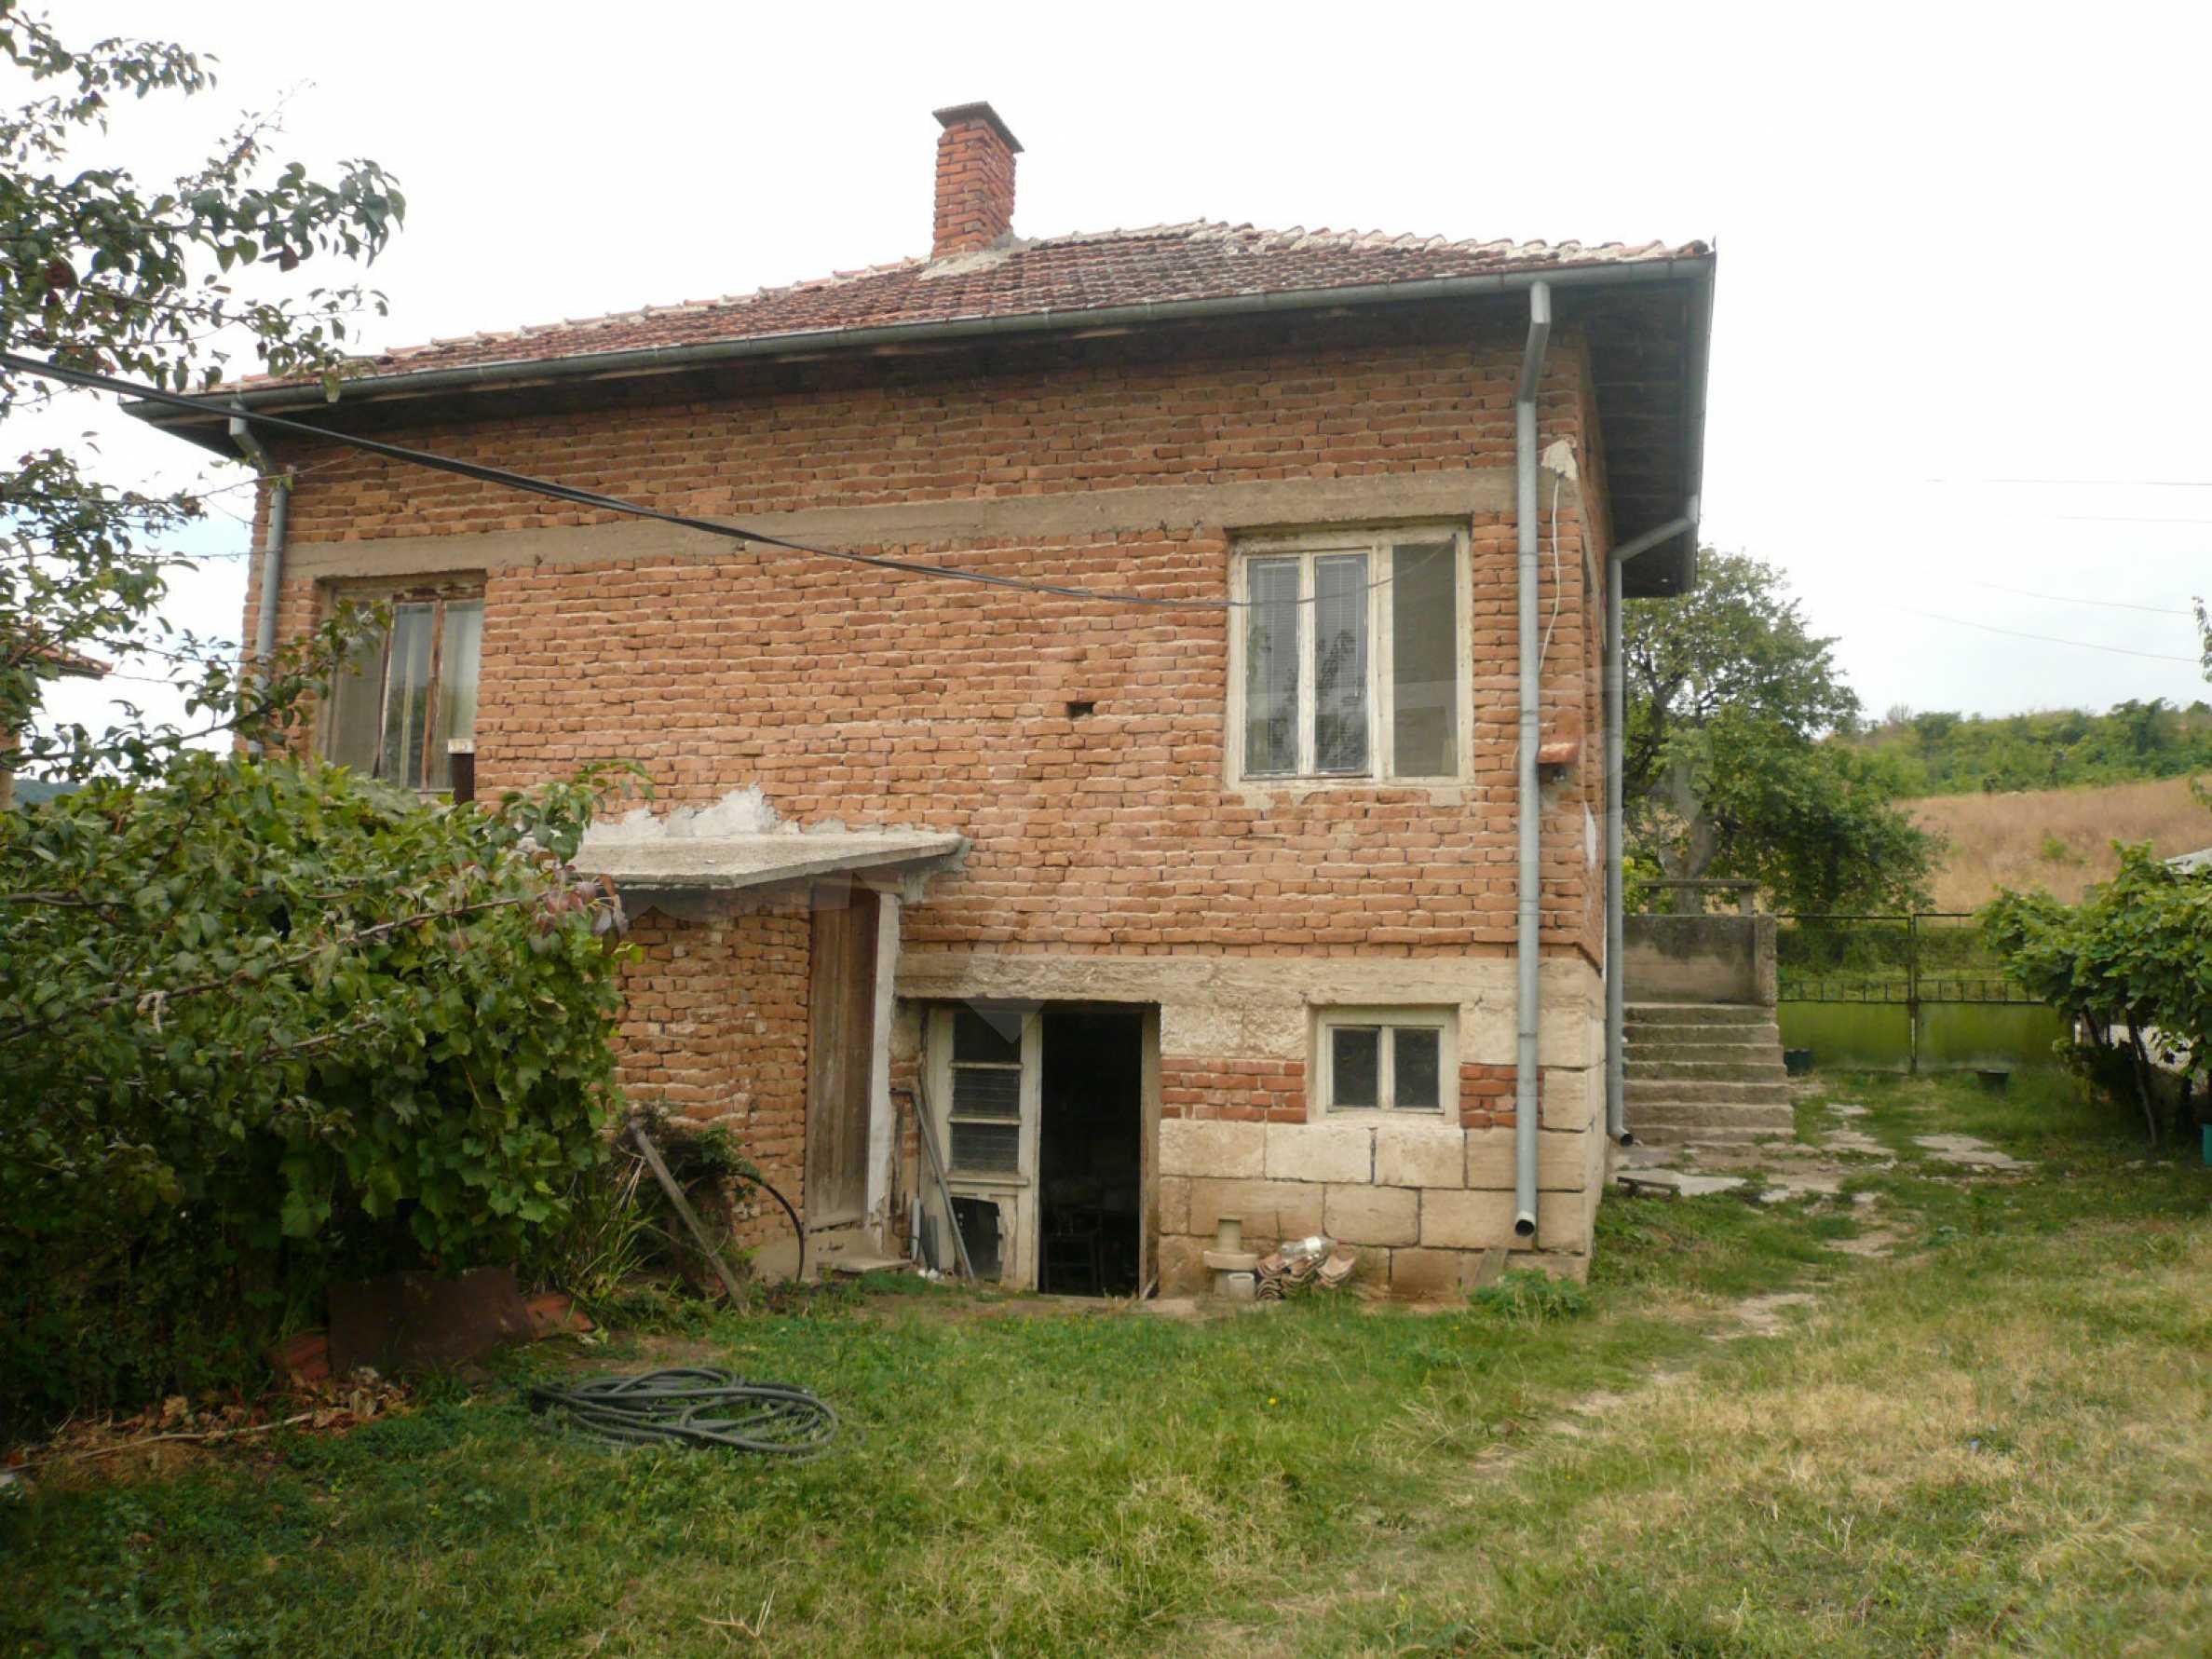 Einfamilienhaus mit Hof in der Nähe der Donau 4